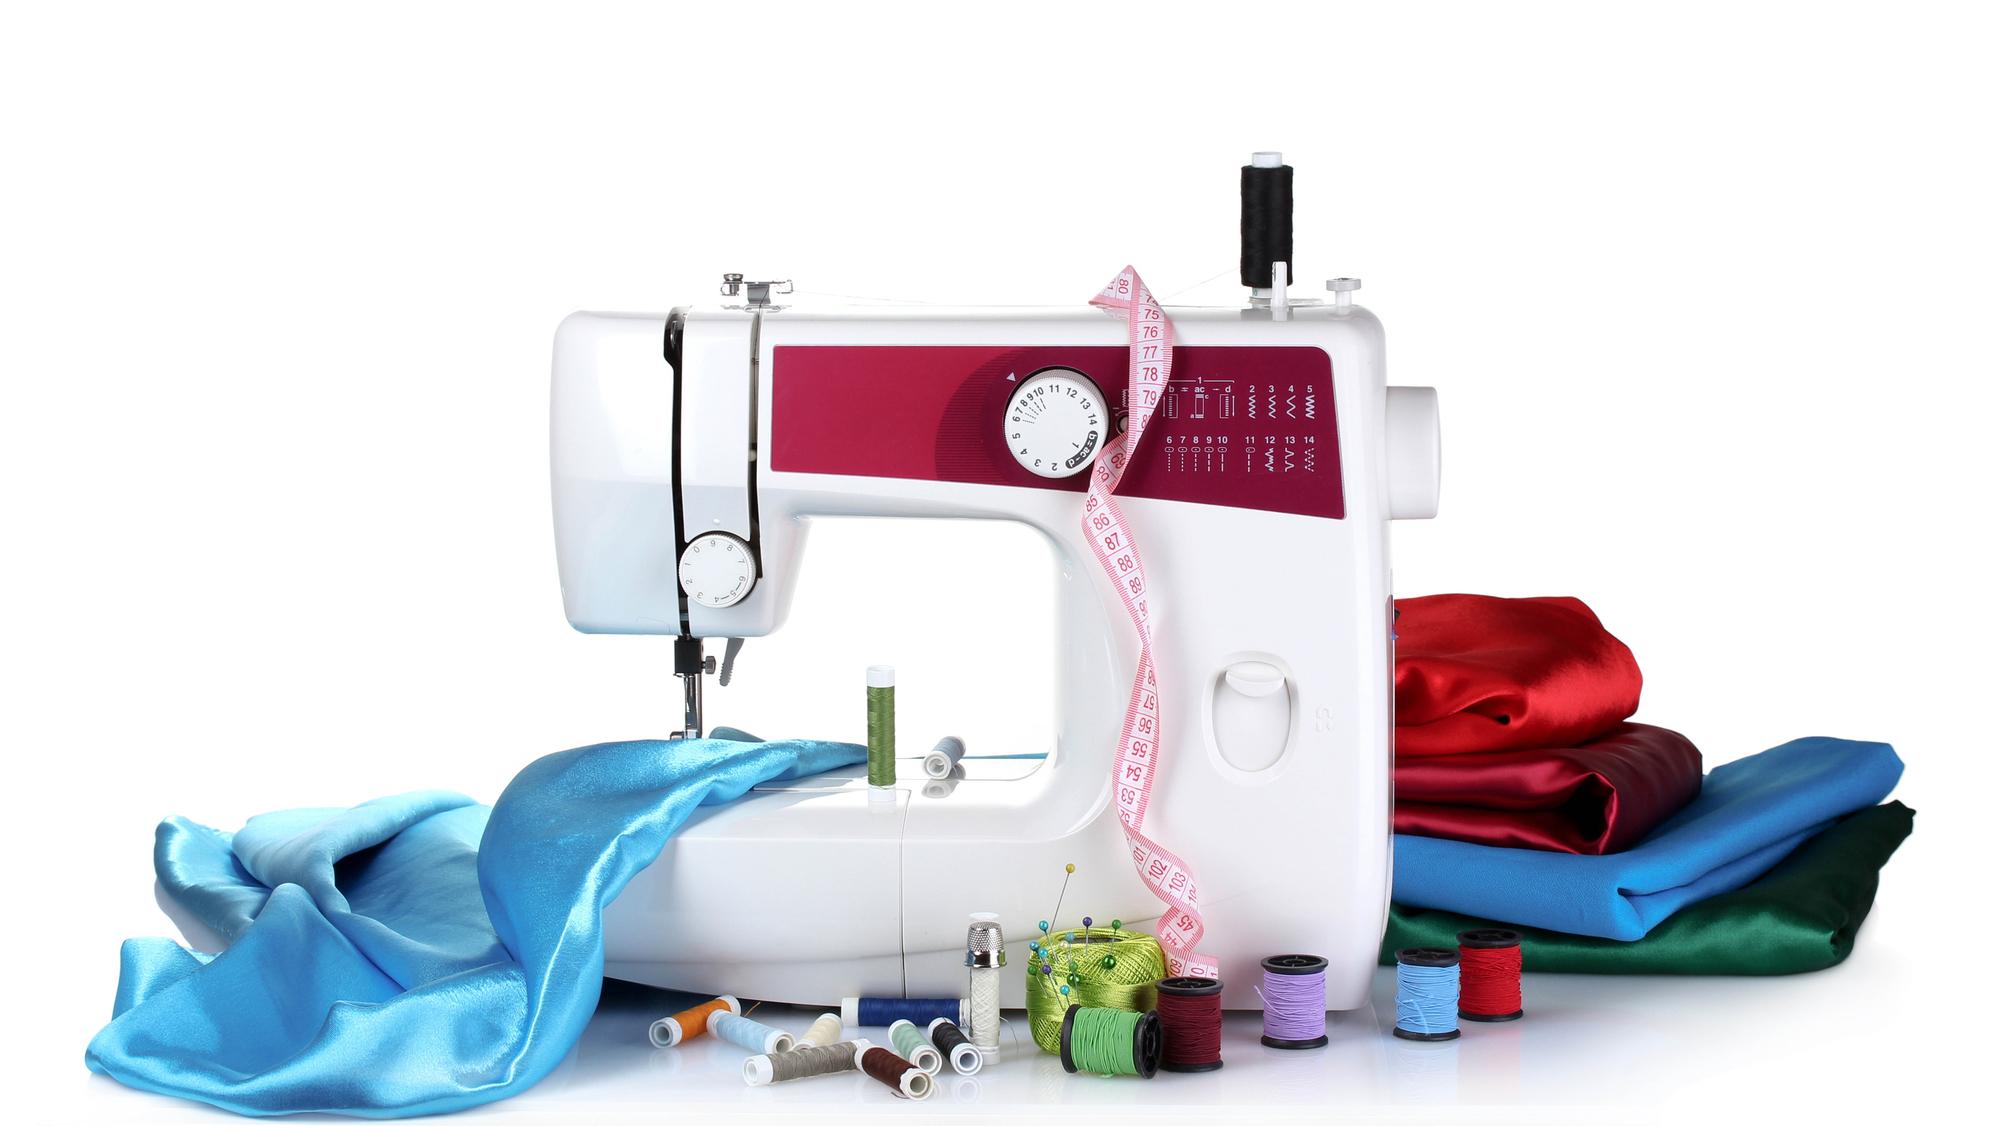 Как правильно выбрать швейную машинку для бытового использования